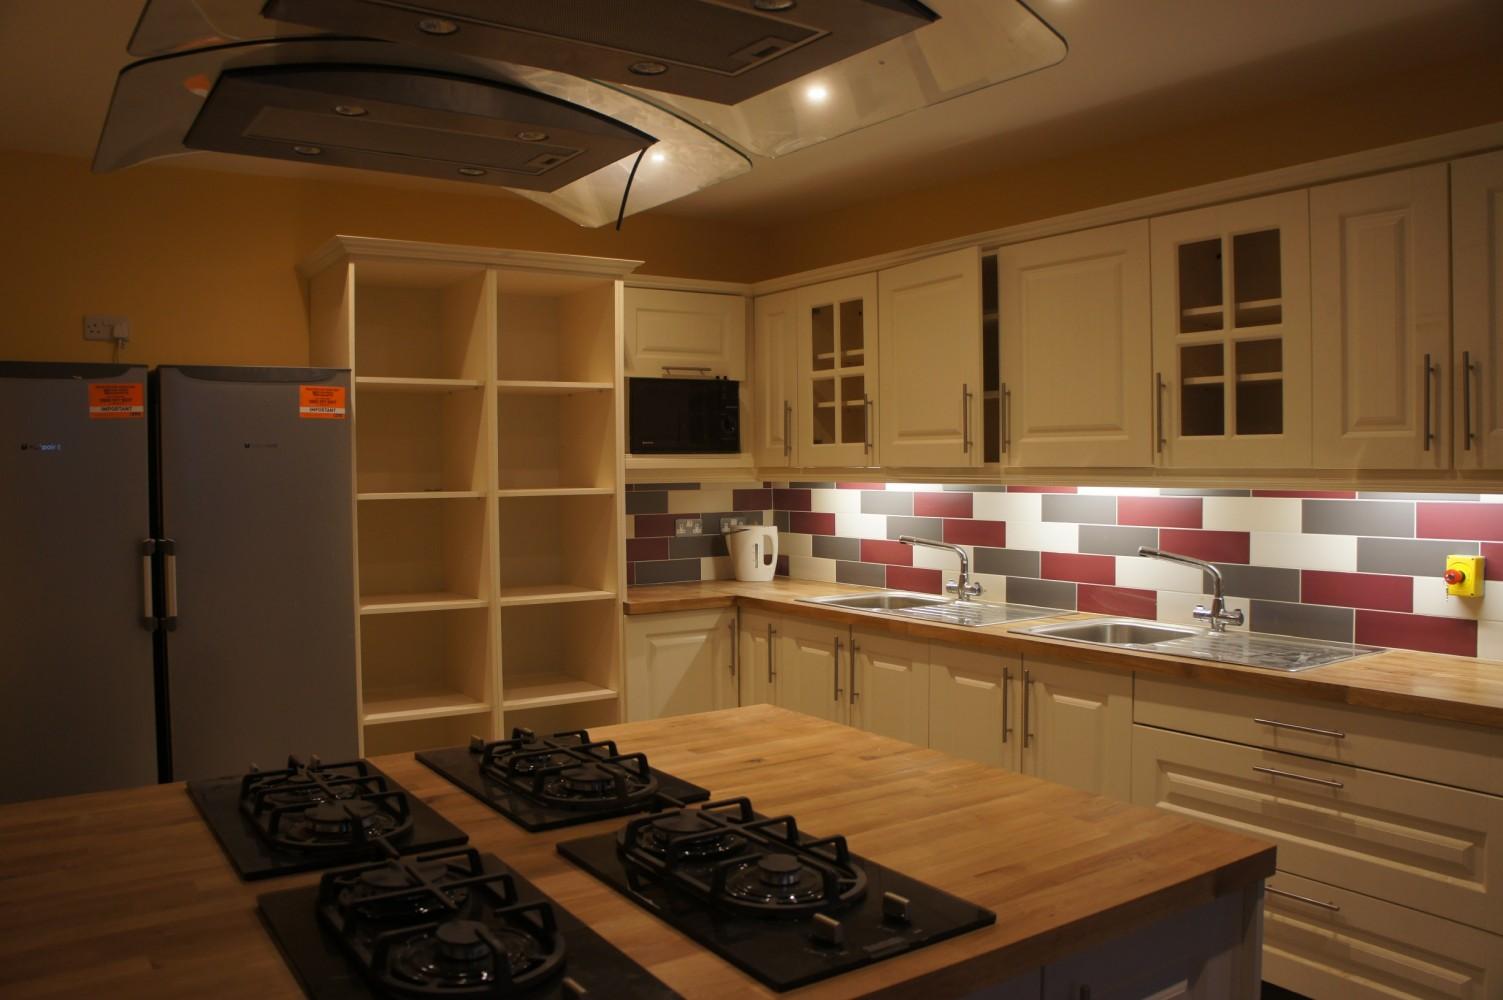 Black Sheep Hostel Kitchen